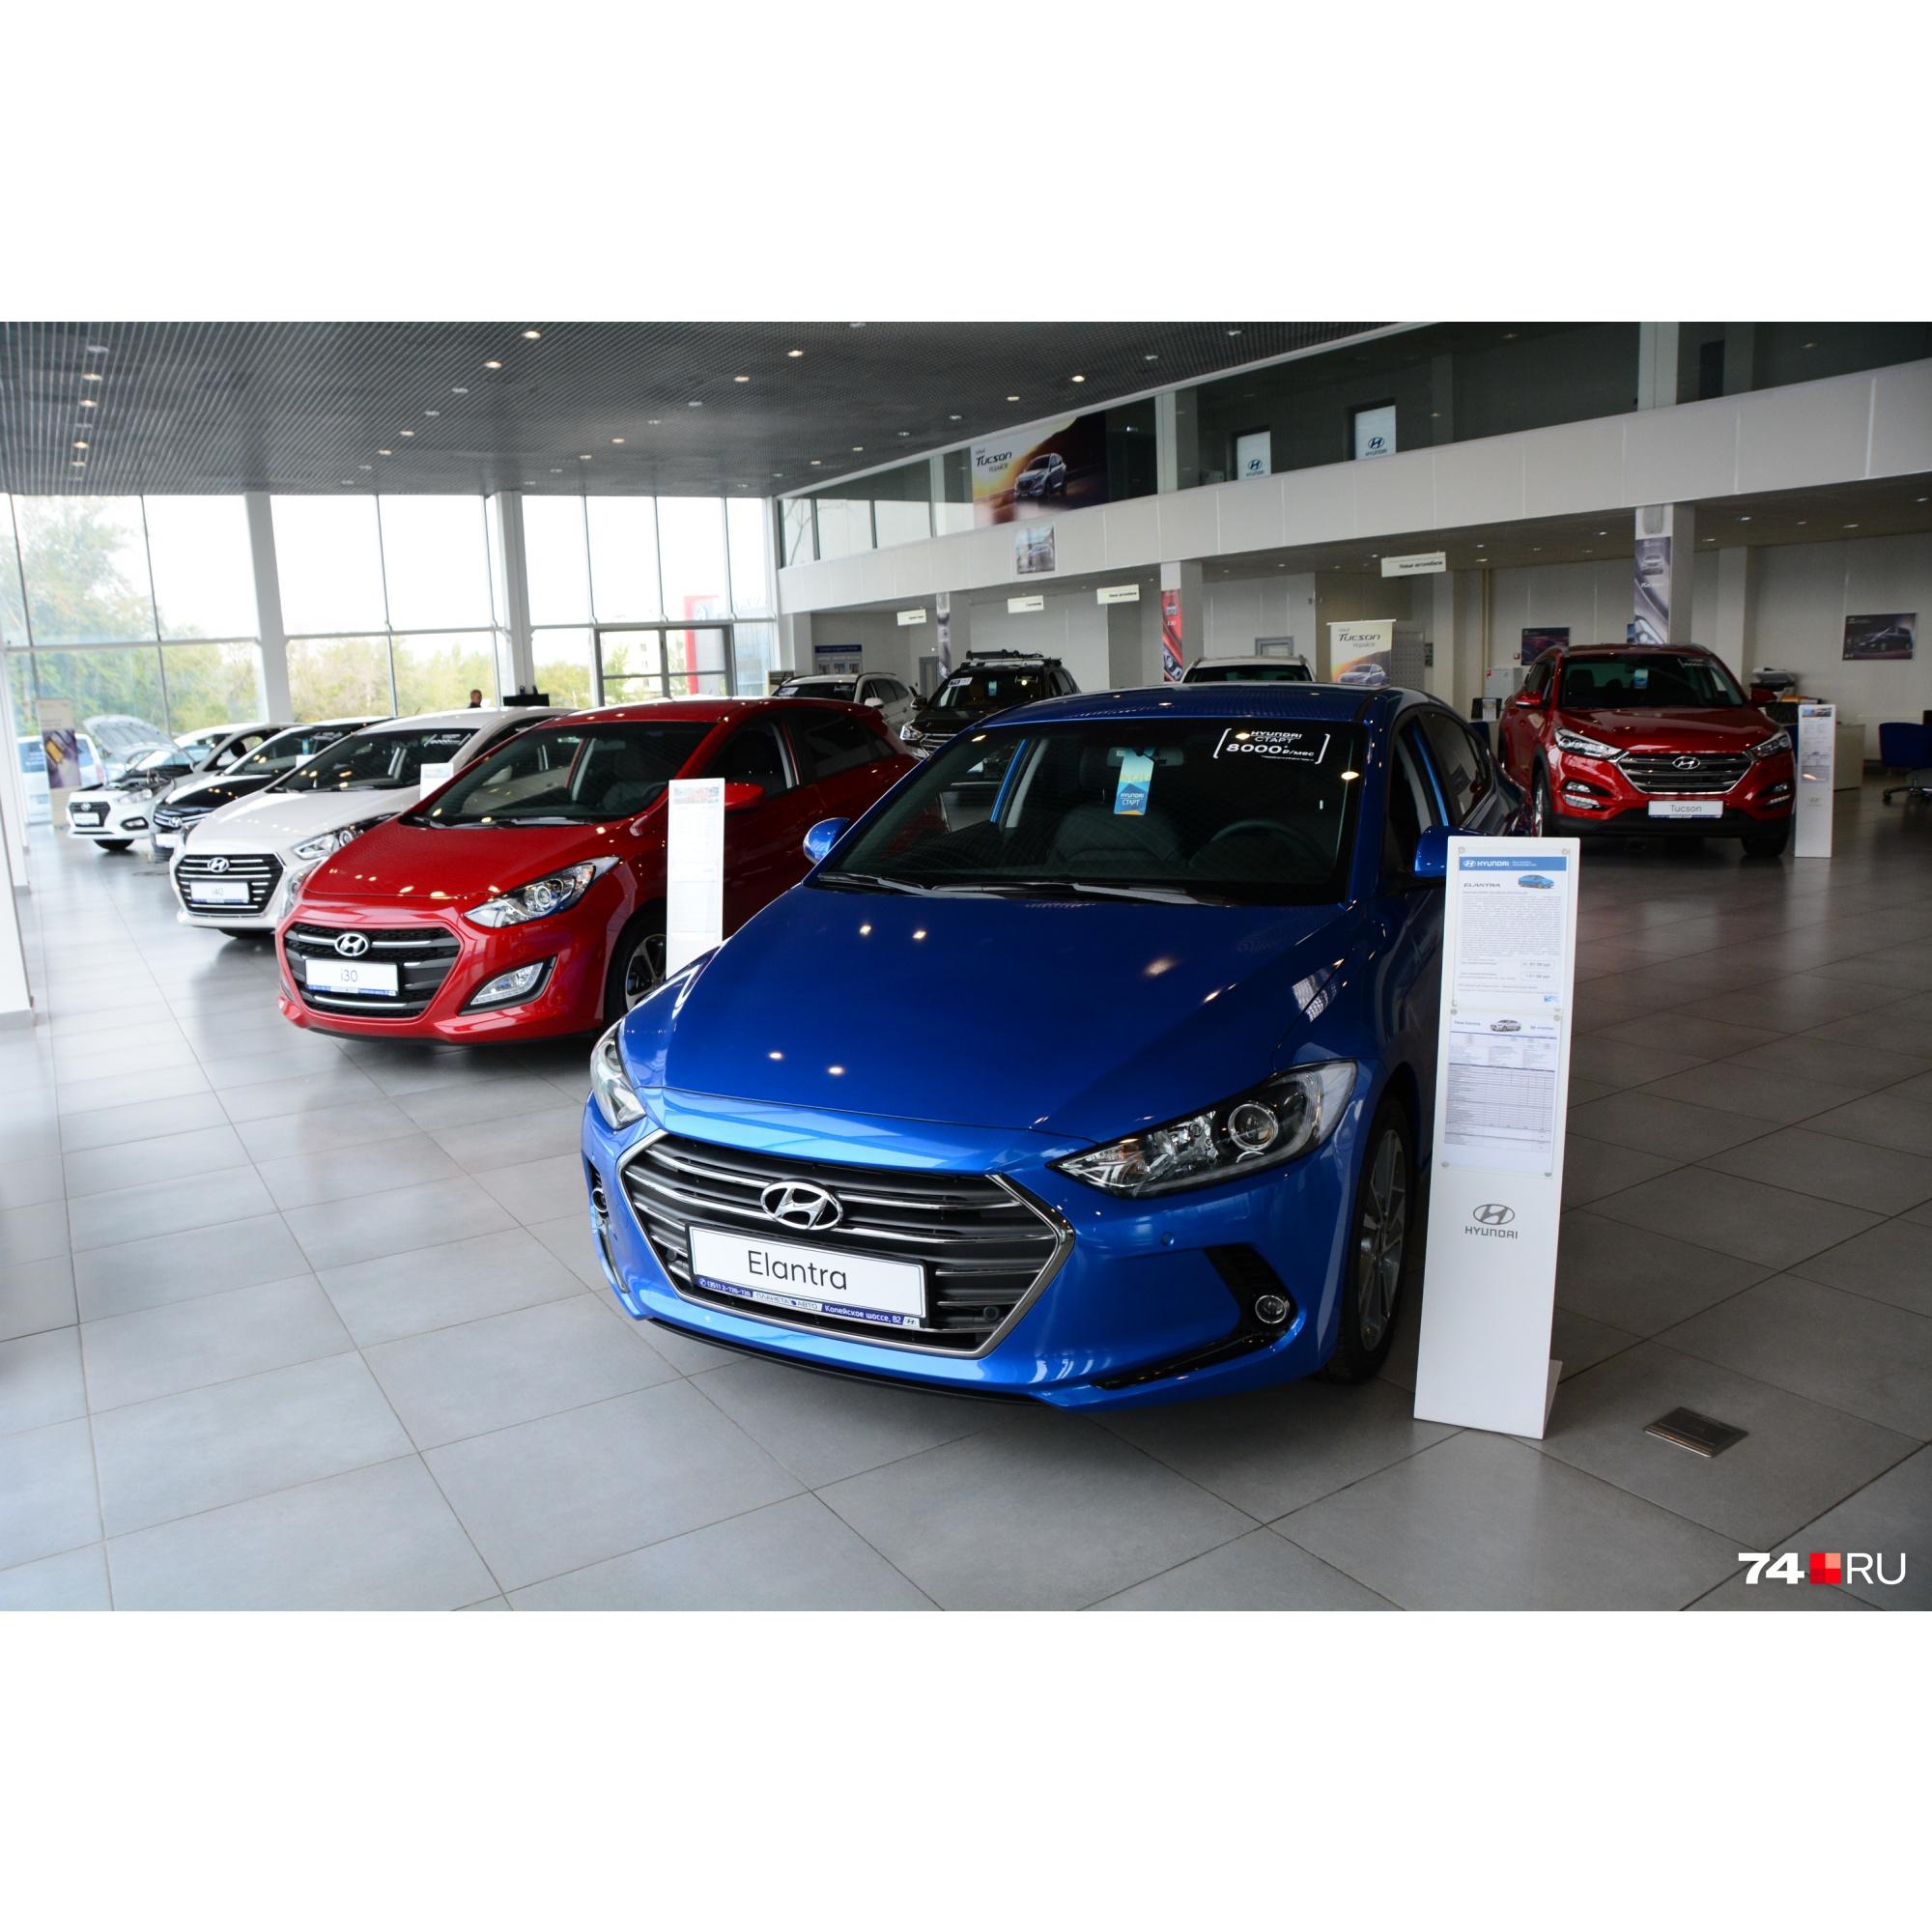 """Завод Hyundai и KIA под Питером ненадолго останавливался весной, а затем — с <nobr class=""""_"""">20 июля</nobr> по <nobr class=""""_"""">10 августа</nobr> (корпоративный отпуск)"""